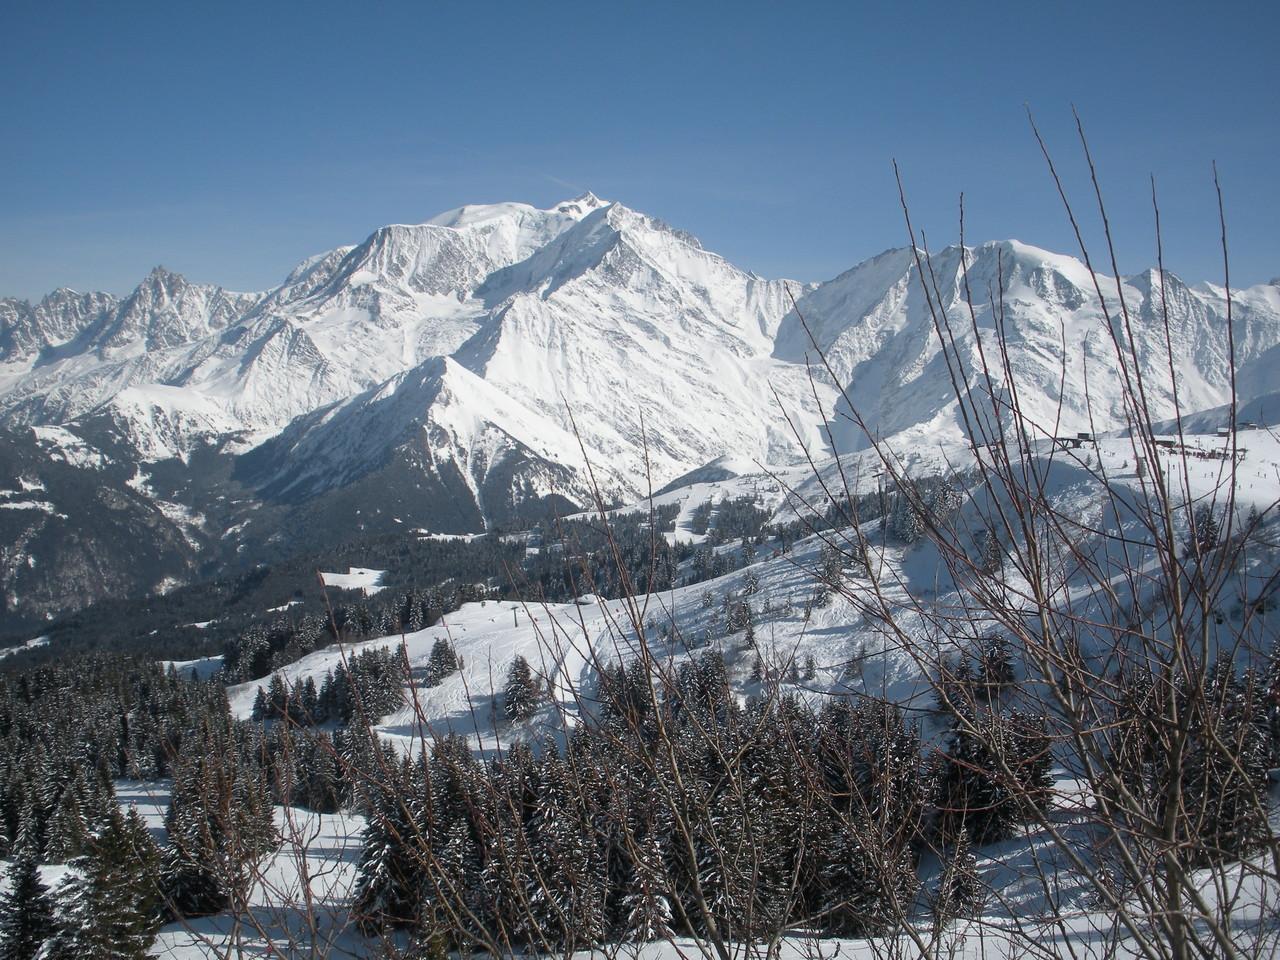 Mont Blanc vu depuis le Mont d'Arbois (pistes)